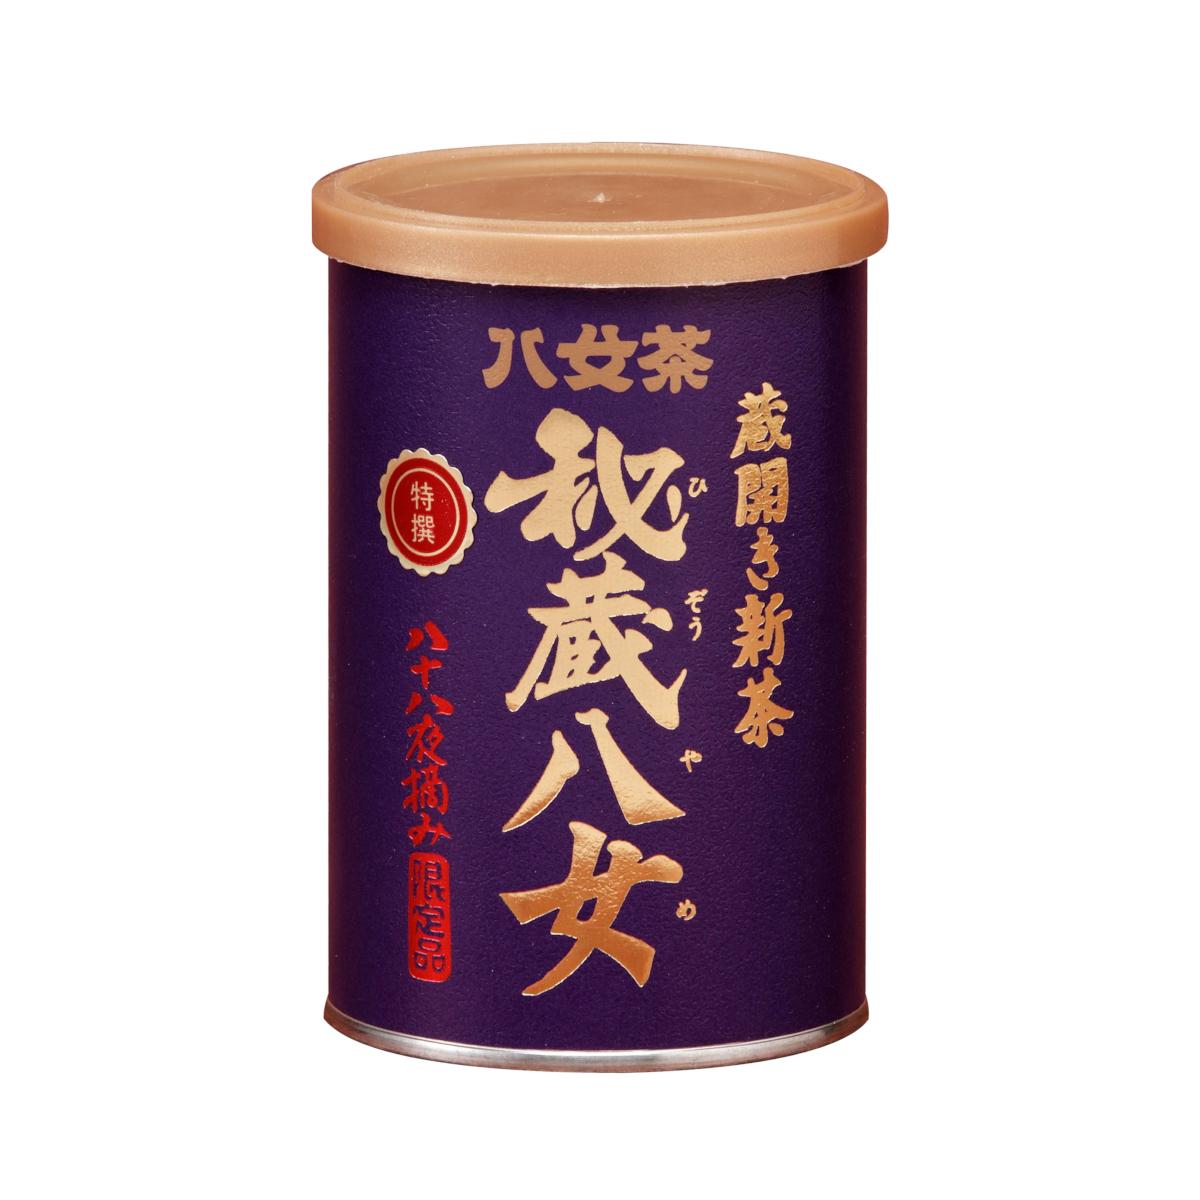 【シ】蔵開き新茶・特選秘蔵八女ゴールドキャップ(缶) 100g